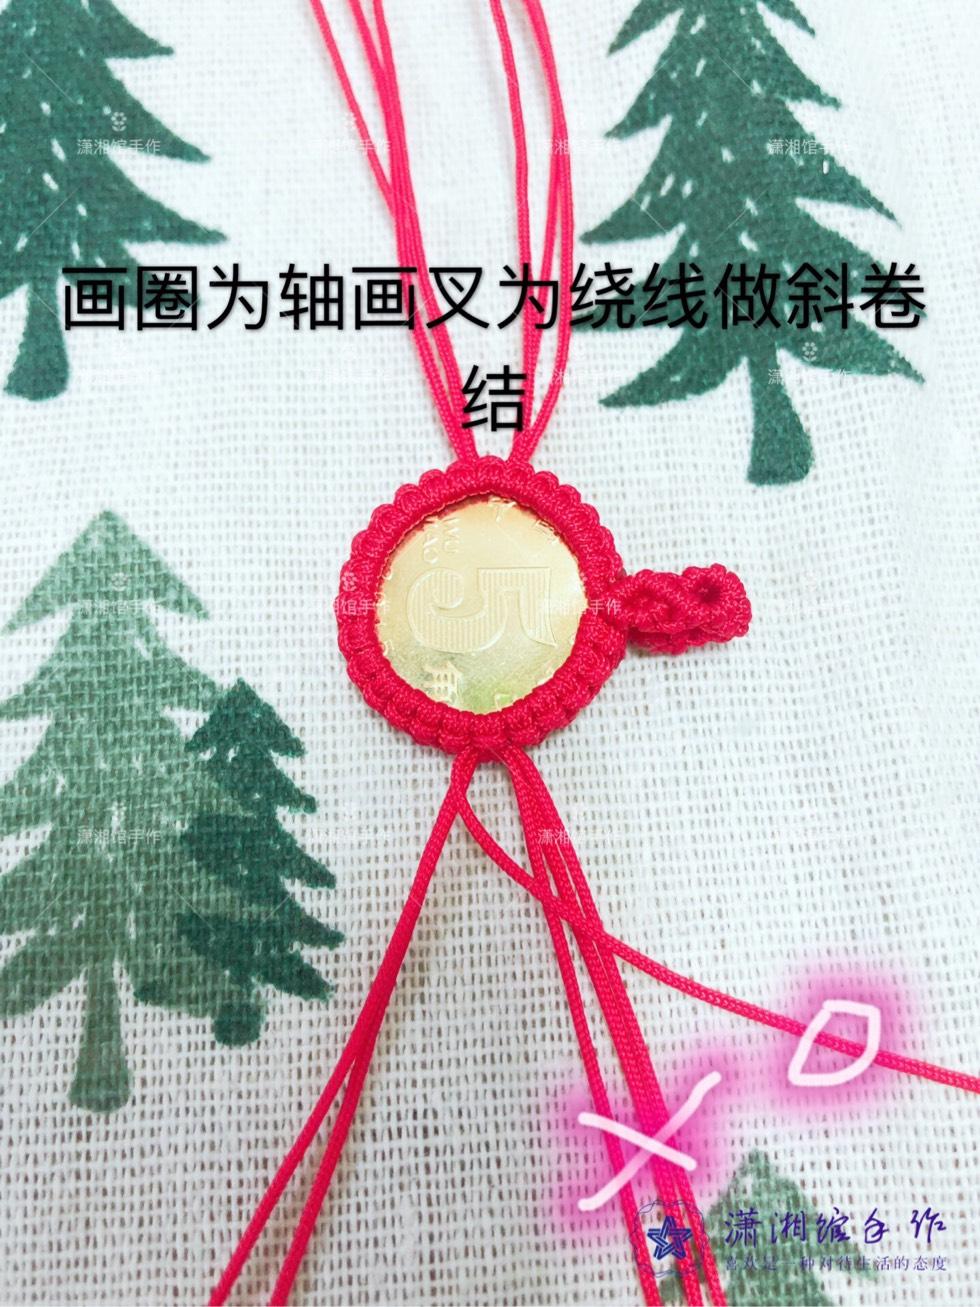 中国结论坛 硬币挂件天使翅膀钥匙扣教程  图文教程区 170126ckfkvk5k6w66u6kx